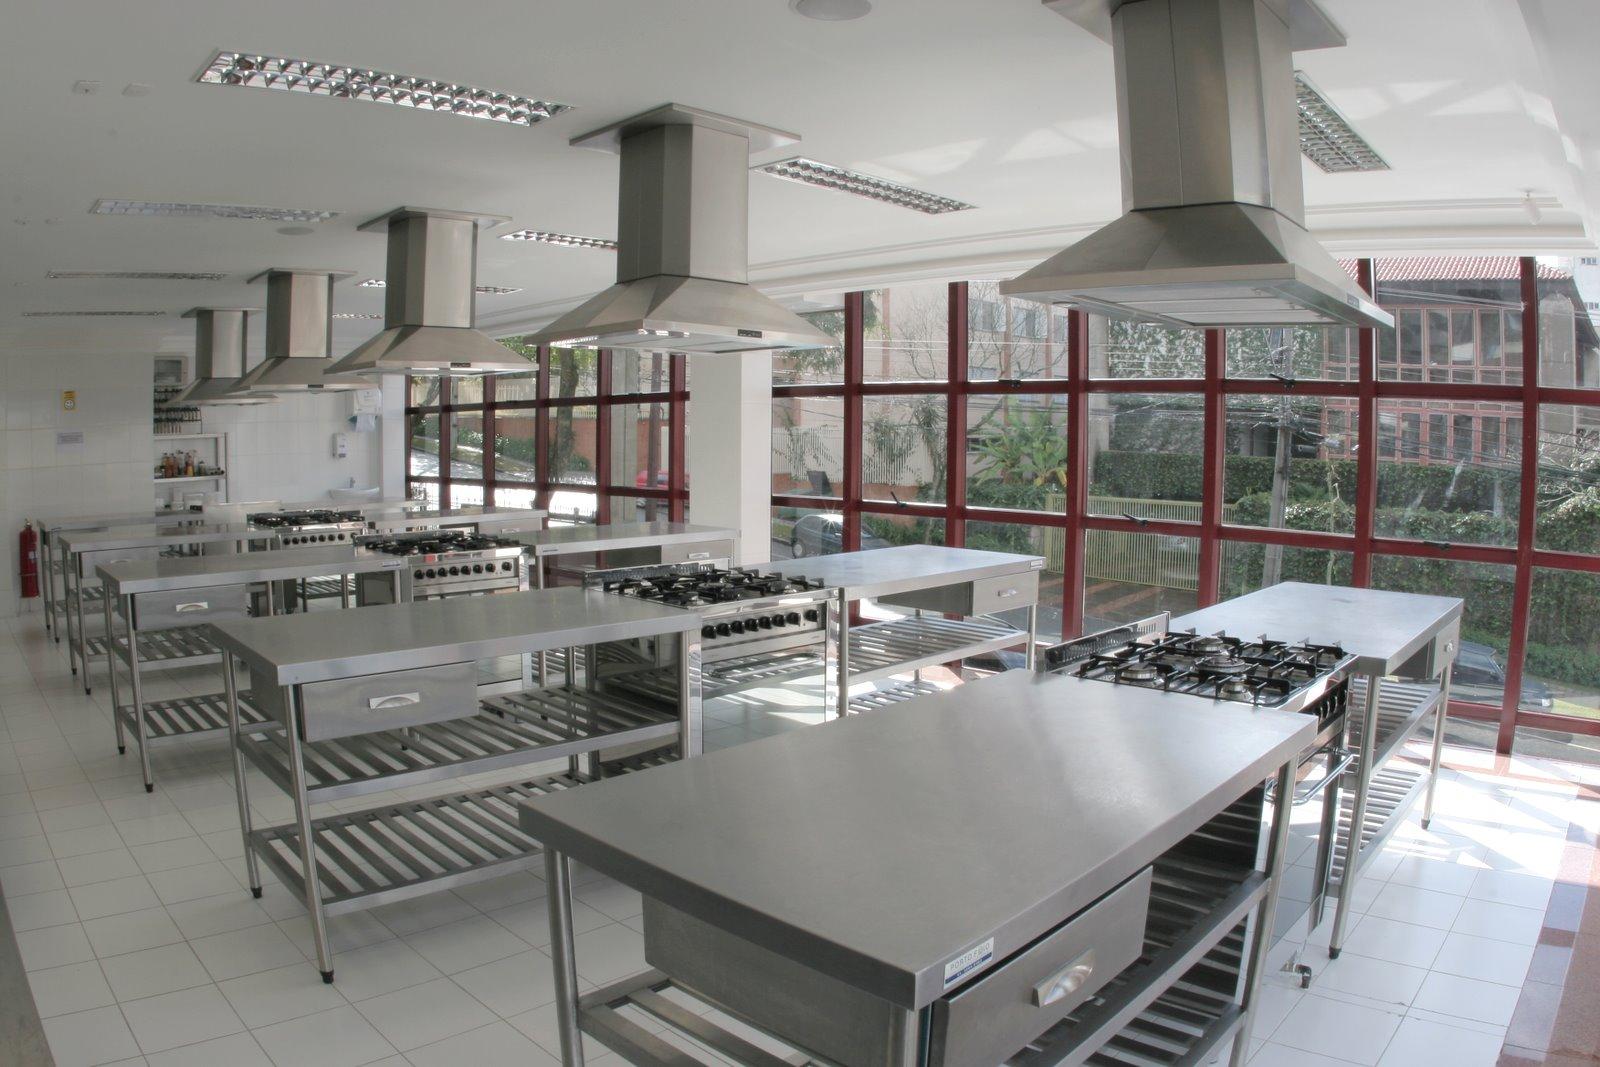 #624040 Cozinha industrial e a Estrutura de um restaurante Como quando e  1600x1067 px Projeto De Cozinha Industrial Hotel_4665 Imagens